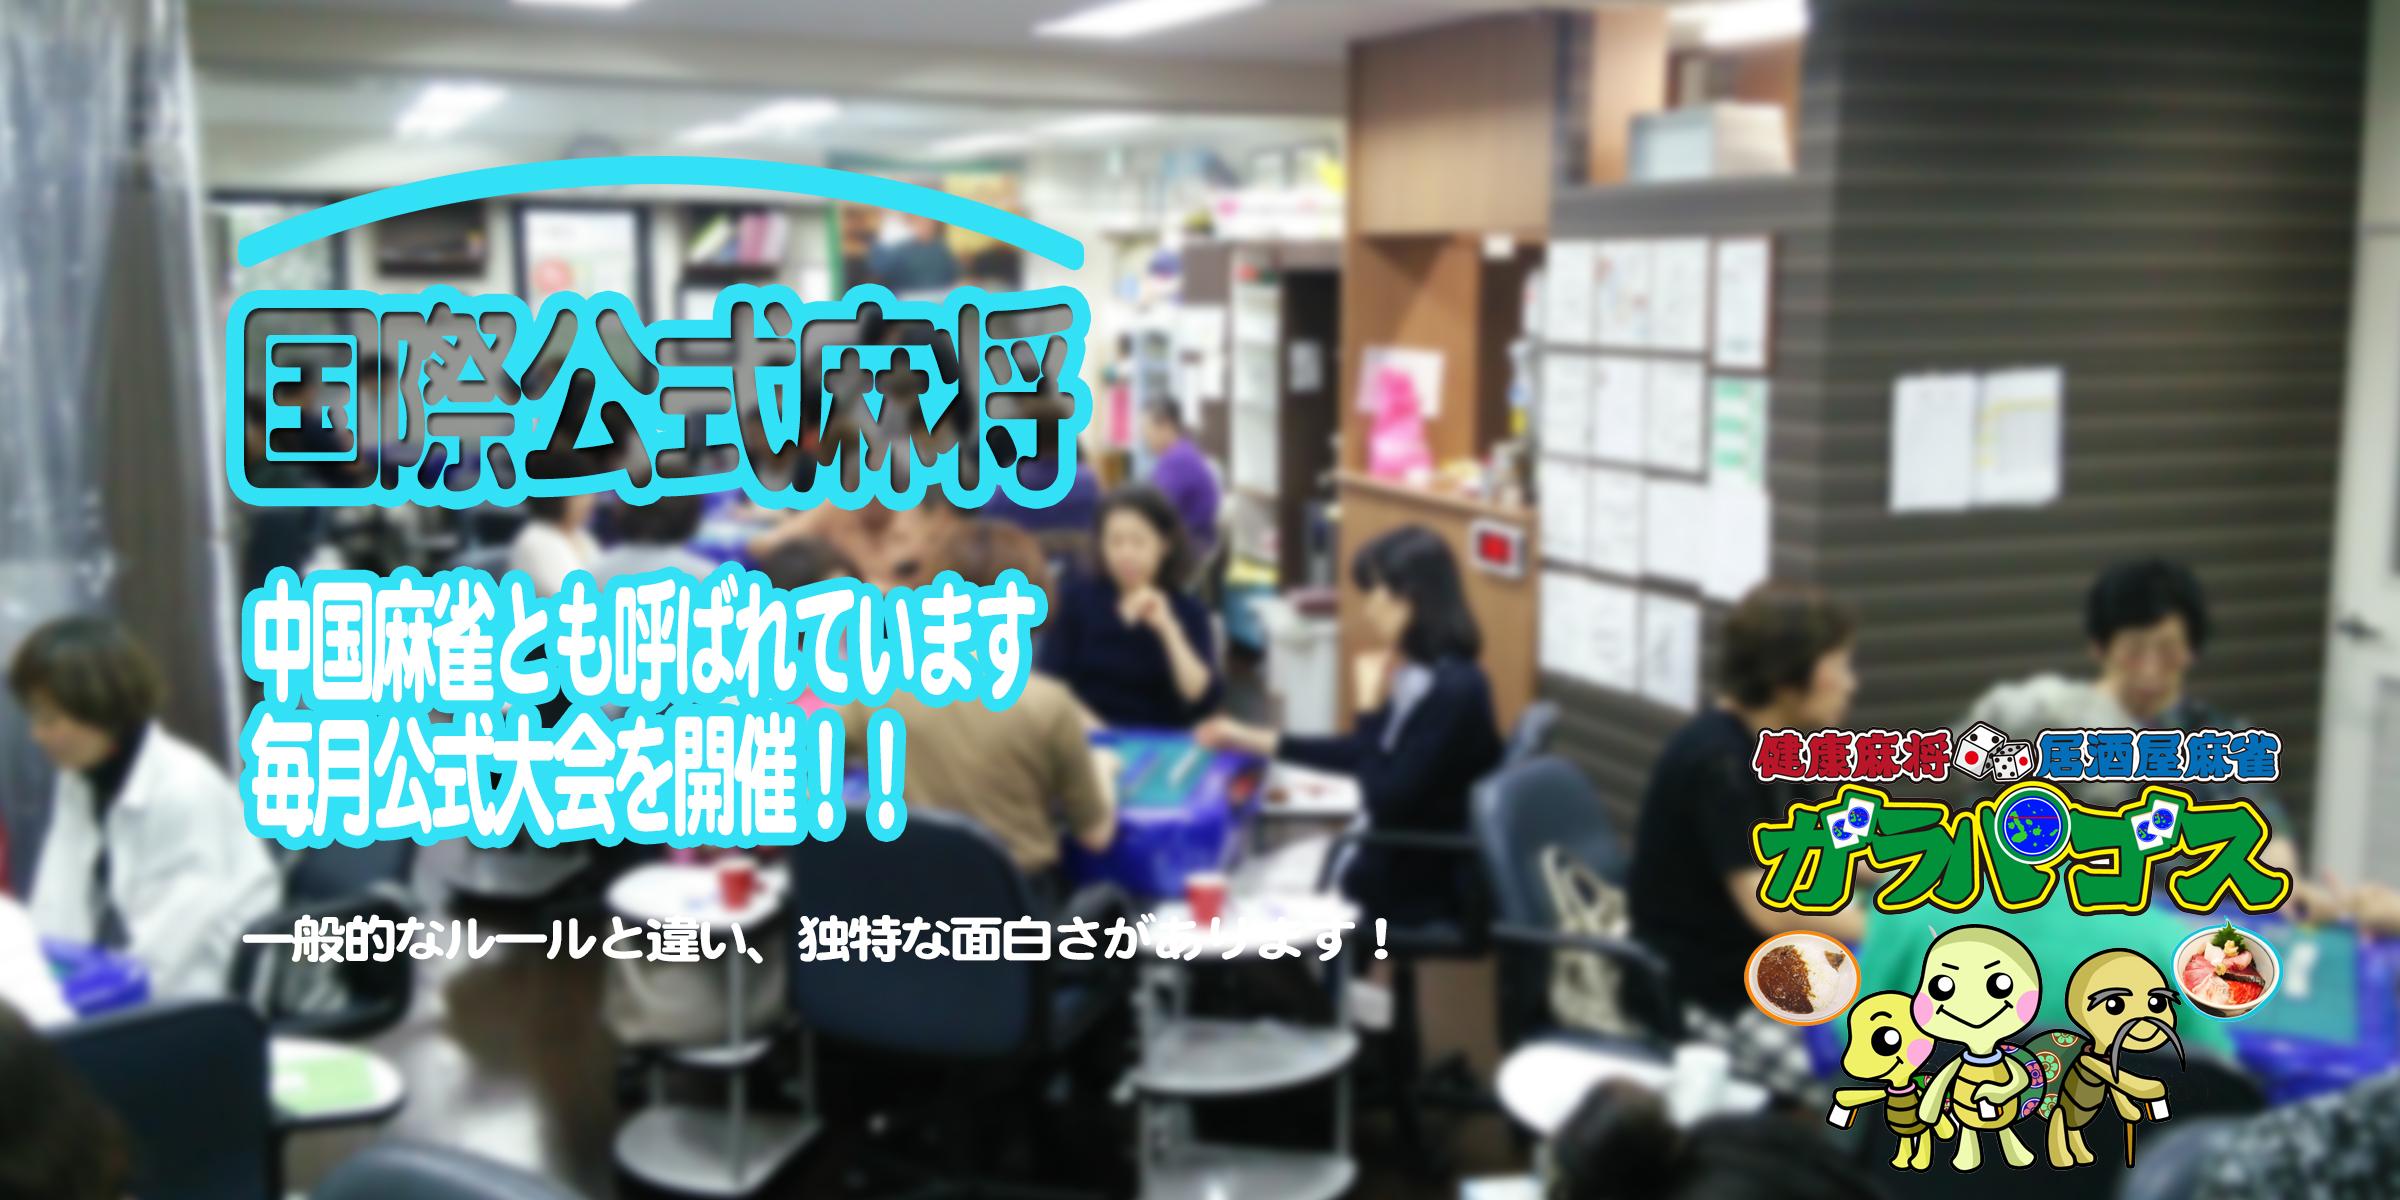 健康麻将・麻将教室・貸卓のガラパゴス高田馬場店